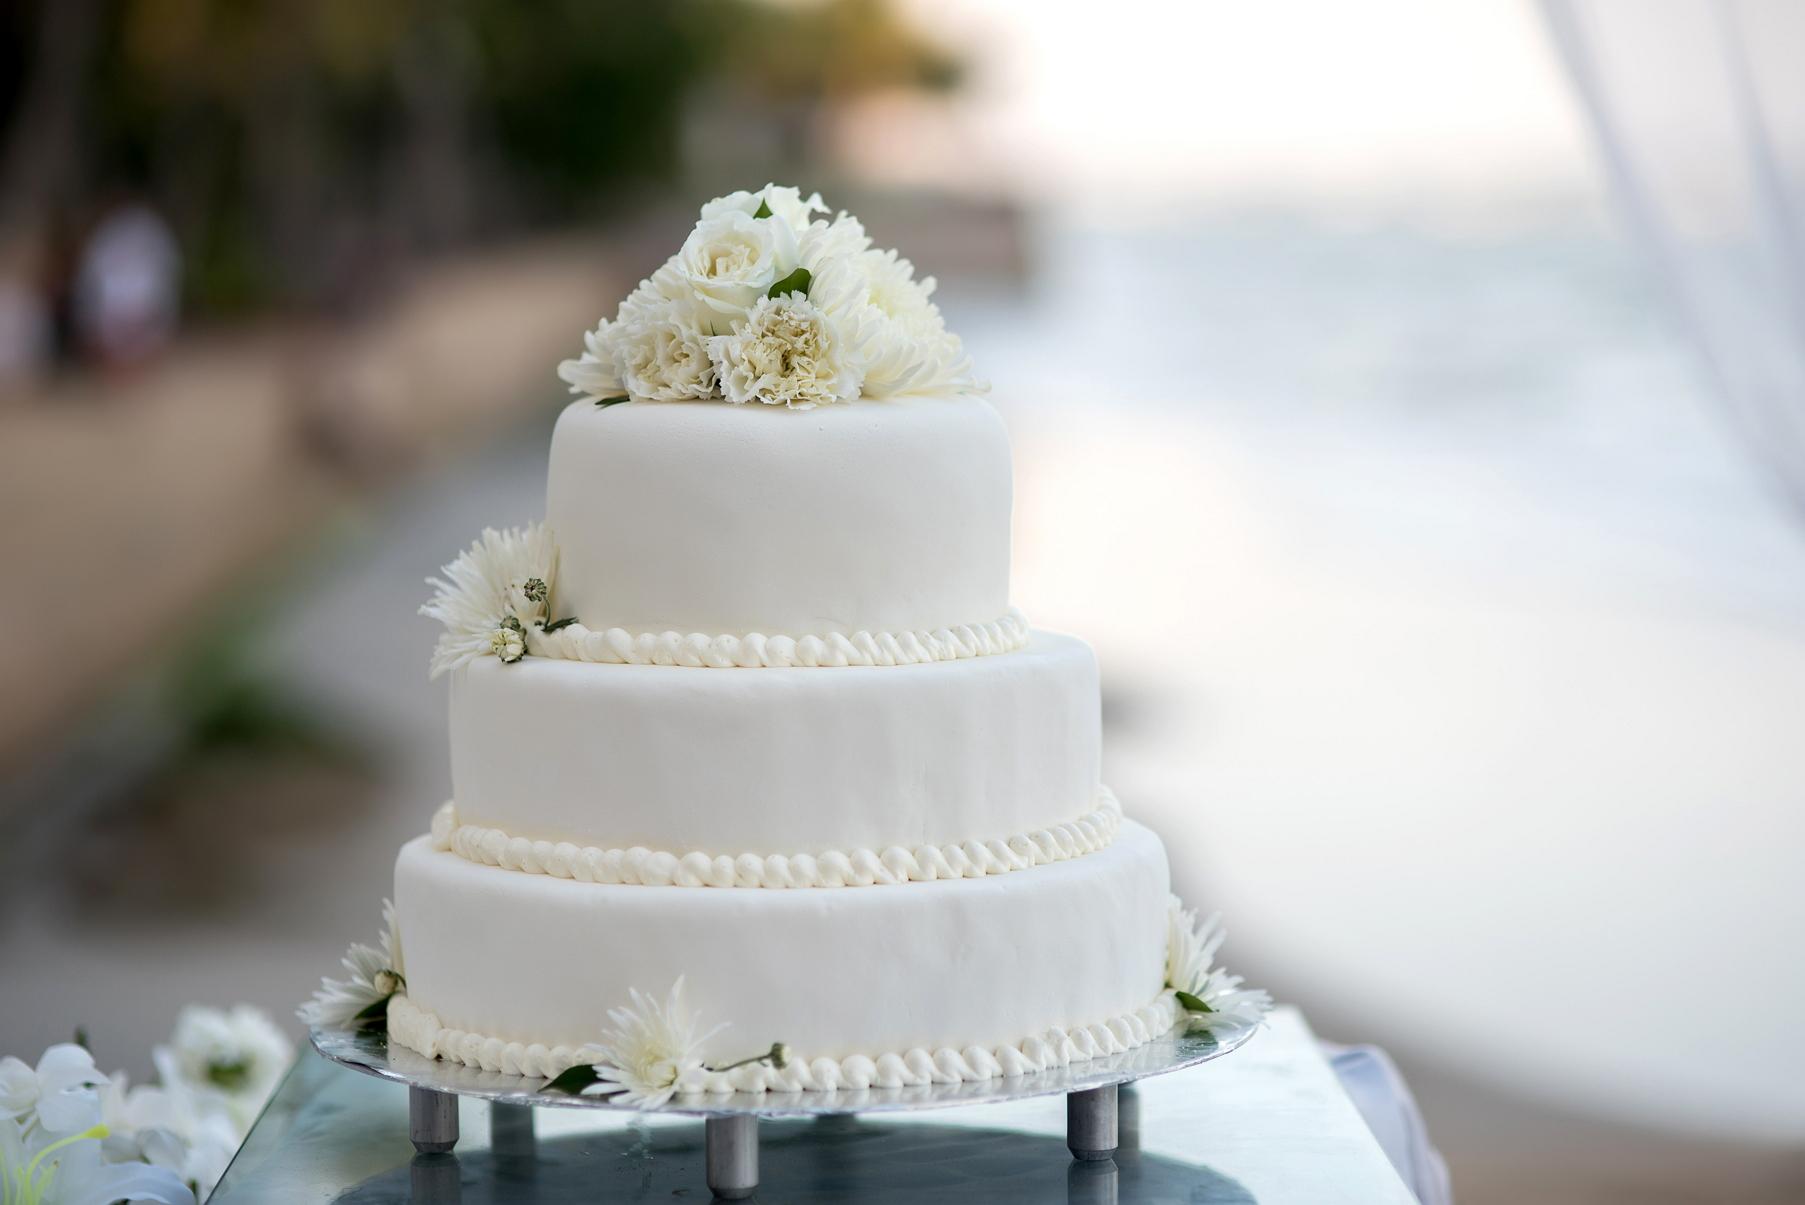 Dossier huwelijk wat is er veranderd in de gemeenschap